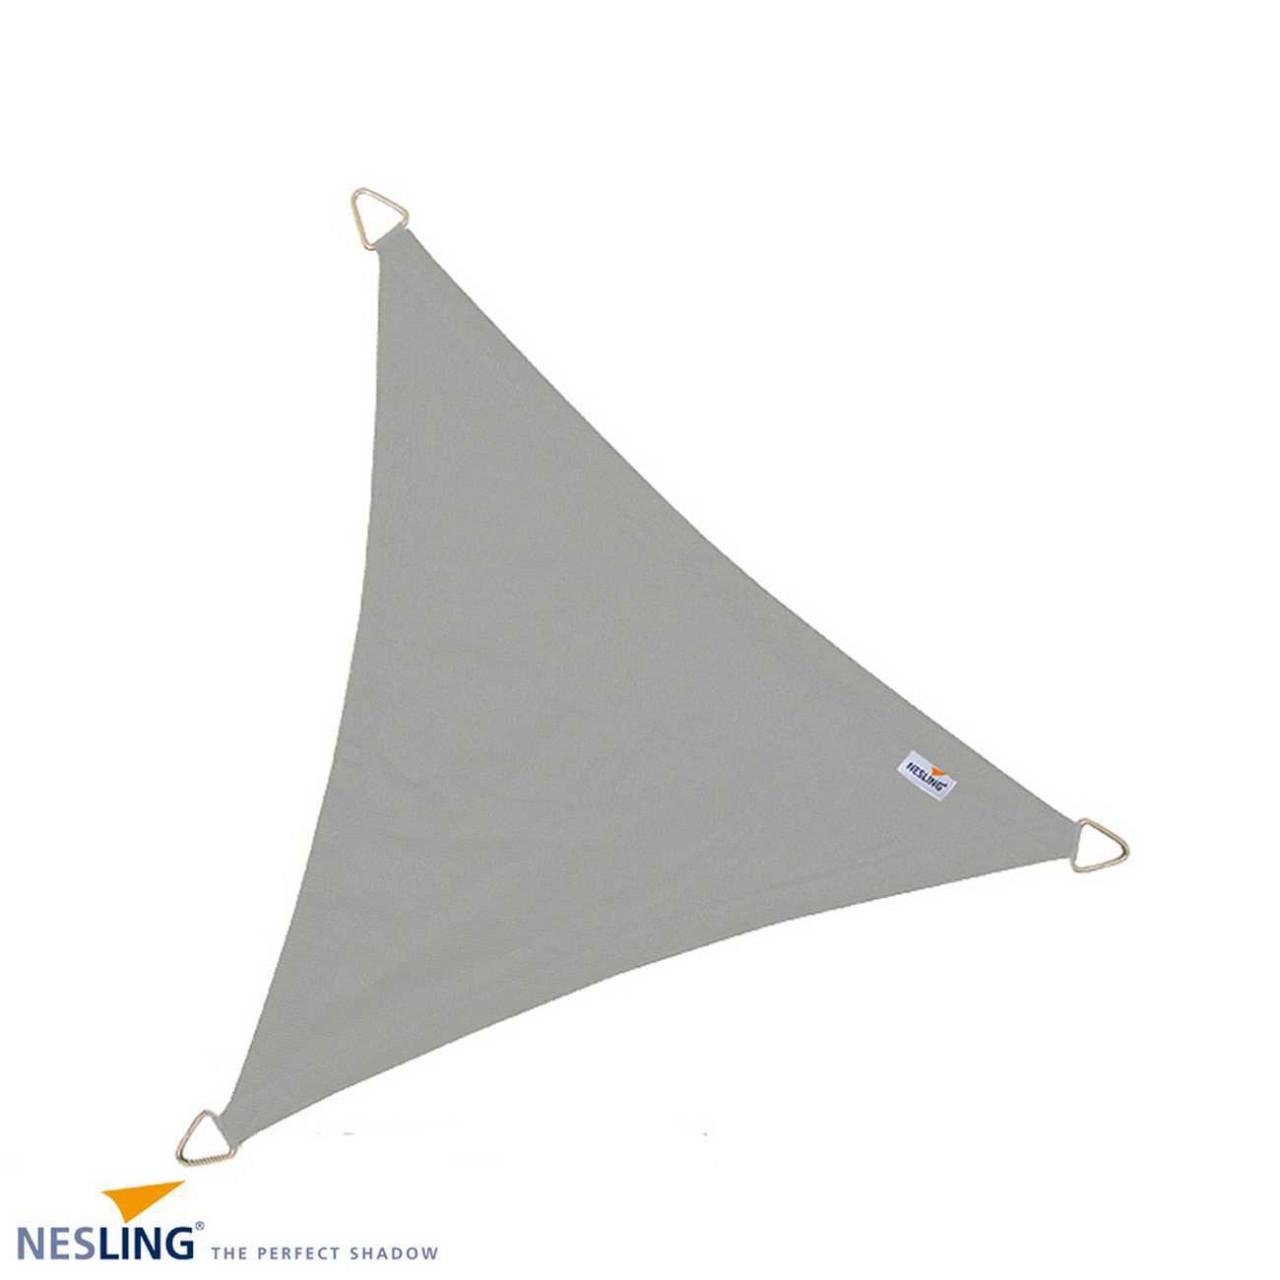 wasserabweisendes Sonnensegel Dreieck 500x500x500 cm